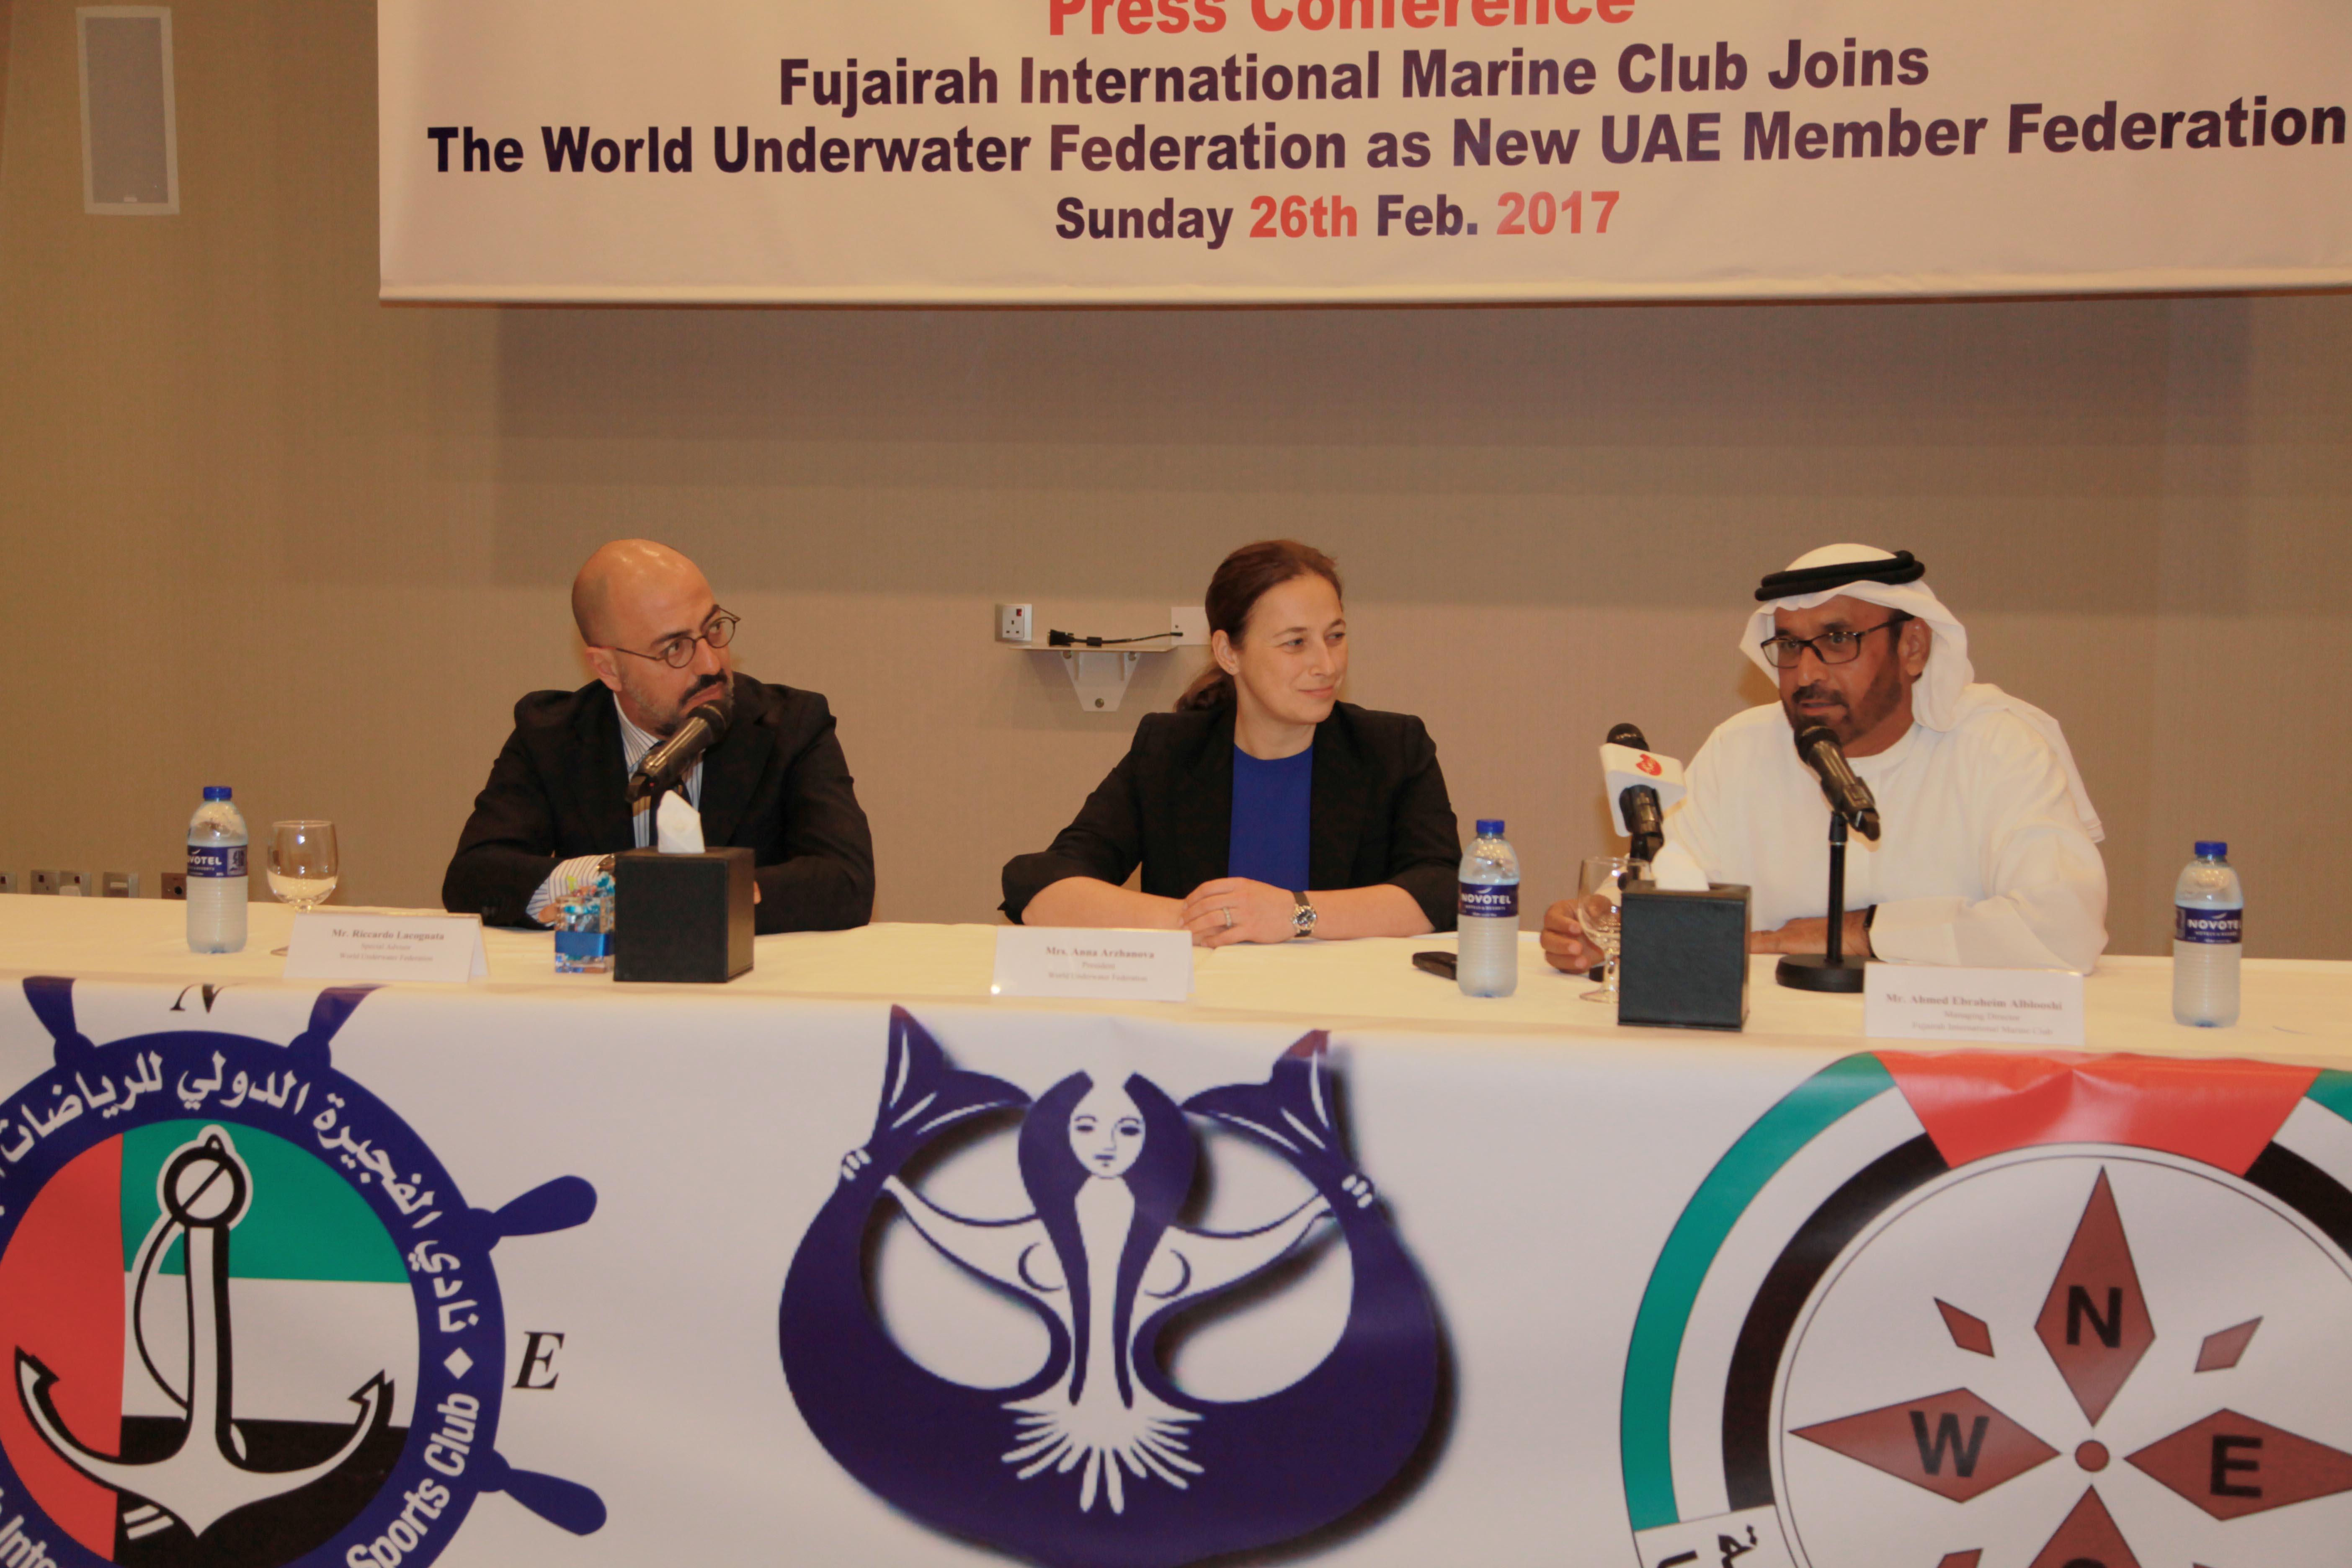 النادي البحري بالفجيرة ينضم رسميا للاتحاد الدولي للغوص والرياضات تحت الماء